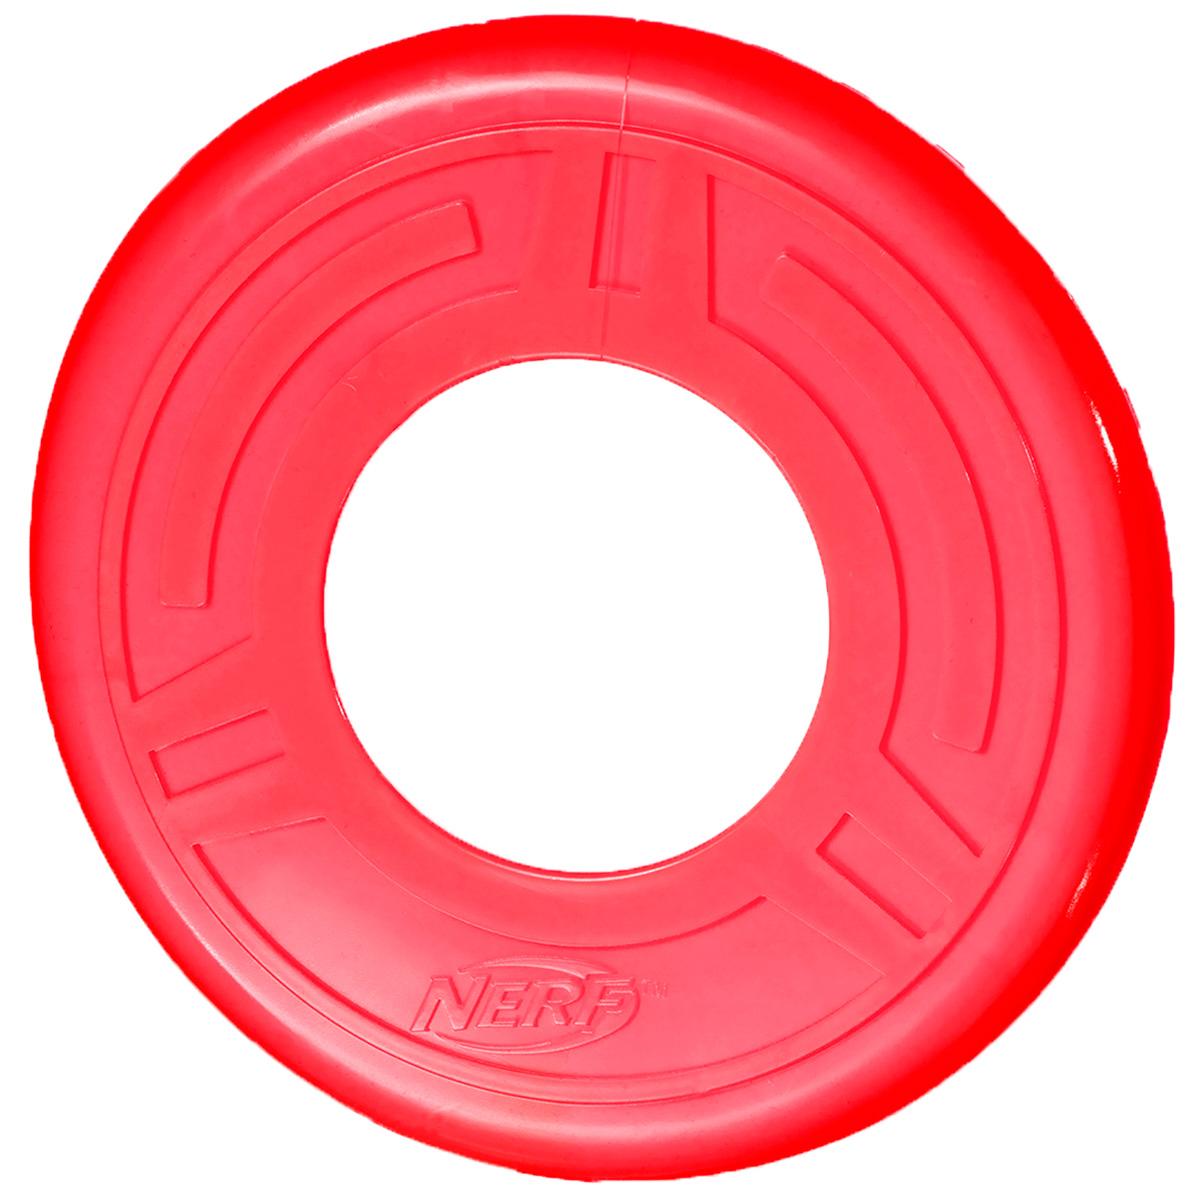 Игрушка для собак Nerf Диск для фрисби, цвет: красный, 25 см22392Летающая тарелка-фрисби Nerf - это удивительный спортивный снаряд, с которым не придется скучать.Кроме великолепных лётных качеств, диск безопасен для собачьих зубов и десен.Диск изготовлен из сверхпрочной резины, что обеспечивает долговечность использования.Оптимальна для перетягивания, подходит для игры двух собак.Яркие привлекательные цвета.Размер: 25 см.